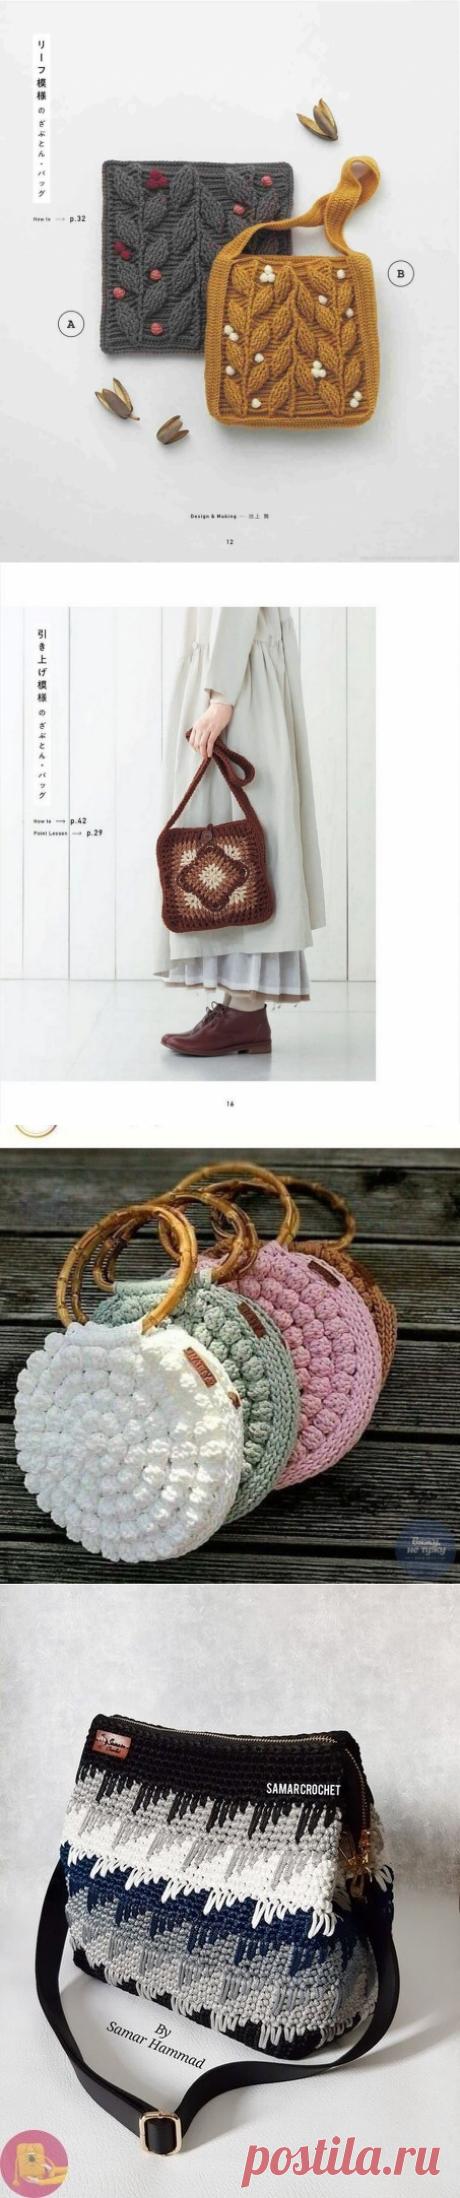 Интересные сумочки. Вязание крючком. | Марусино рукоделие | Яндекс Дзен